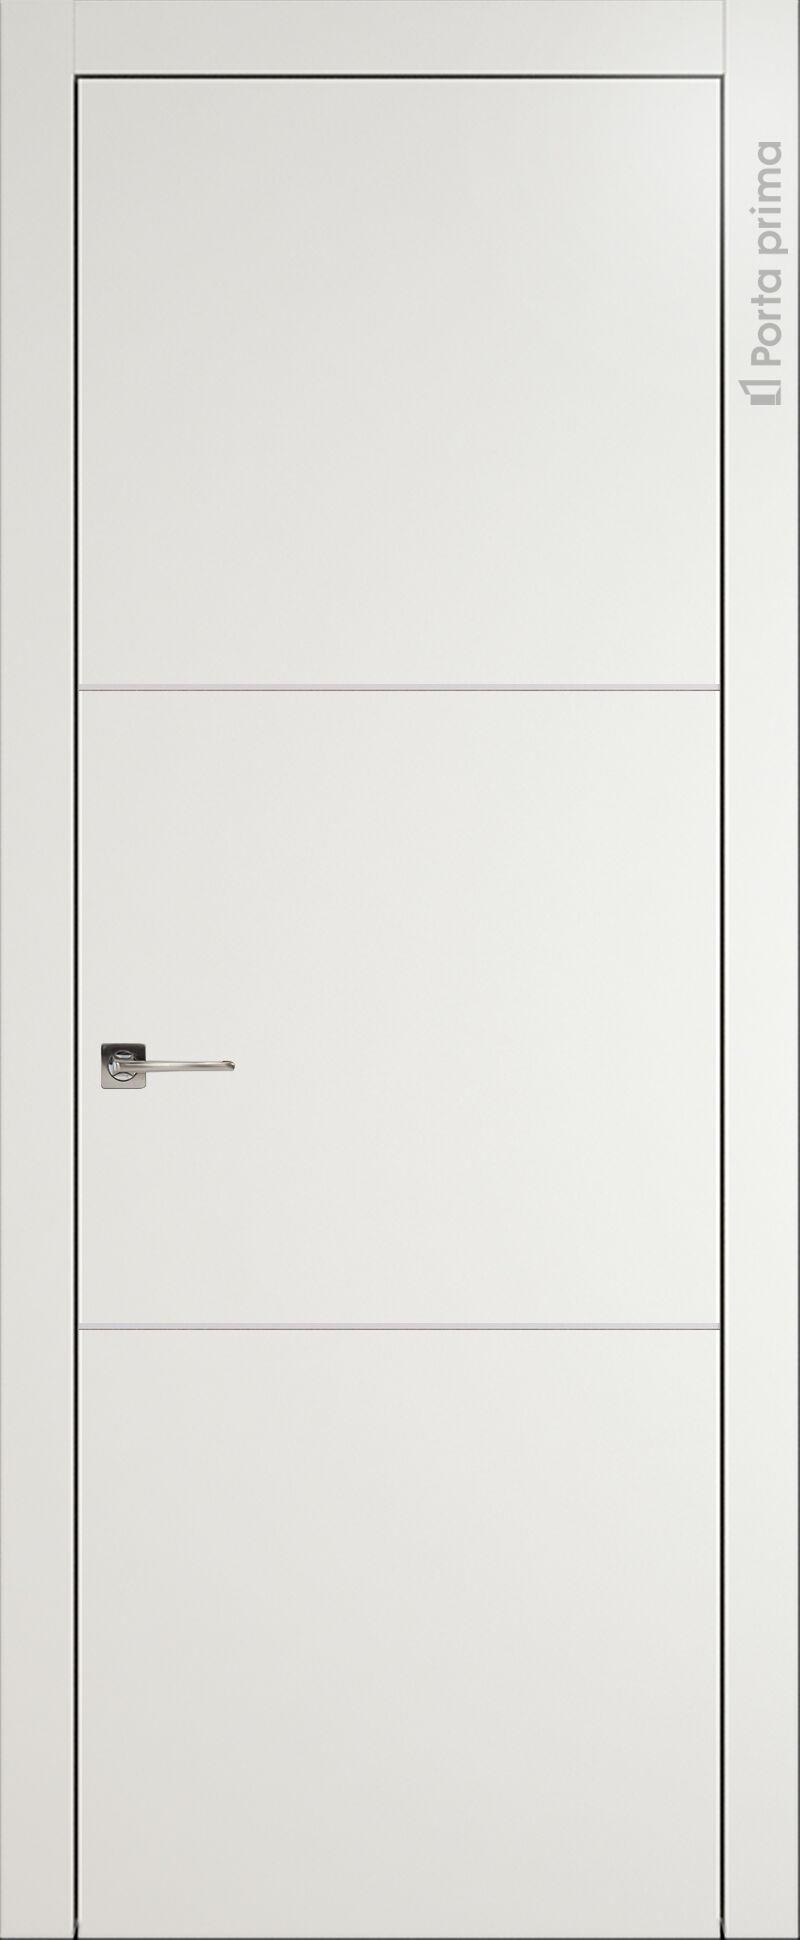 Tivoli В-3 цвет - Бежевая эмаль (RAL 9010) Без стекла (ДГ)